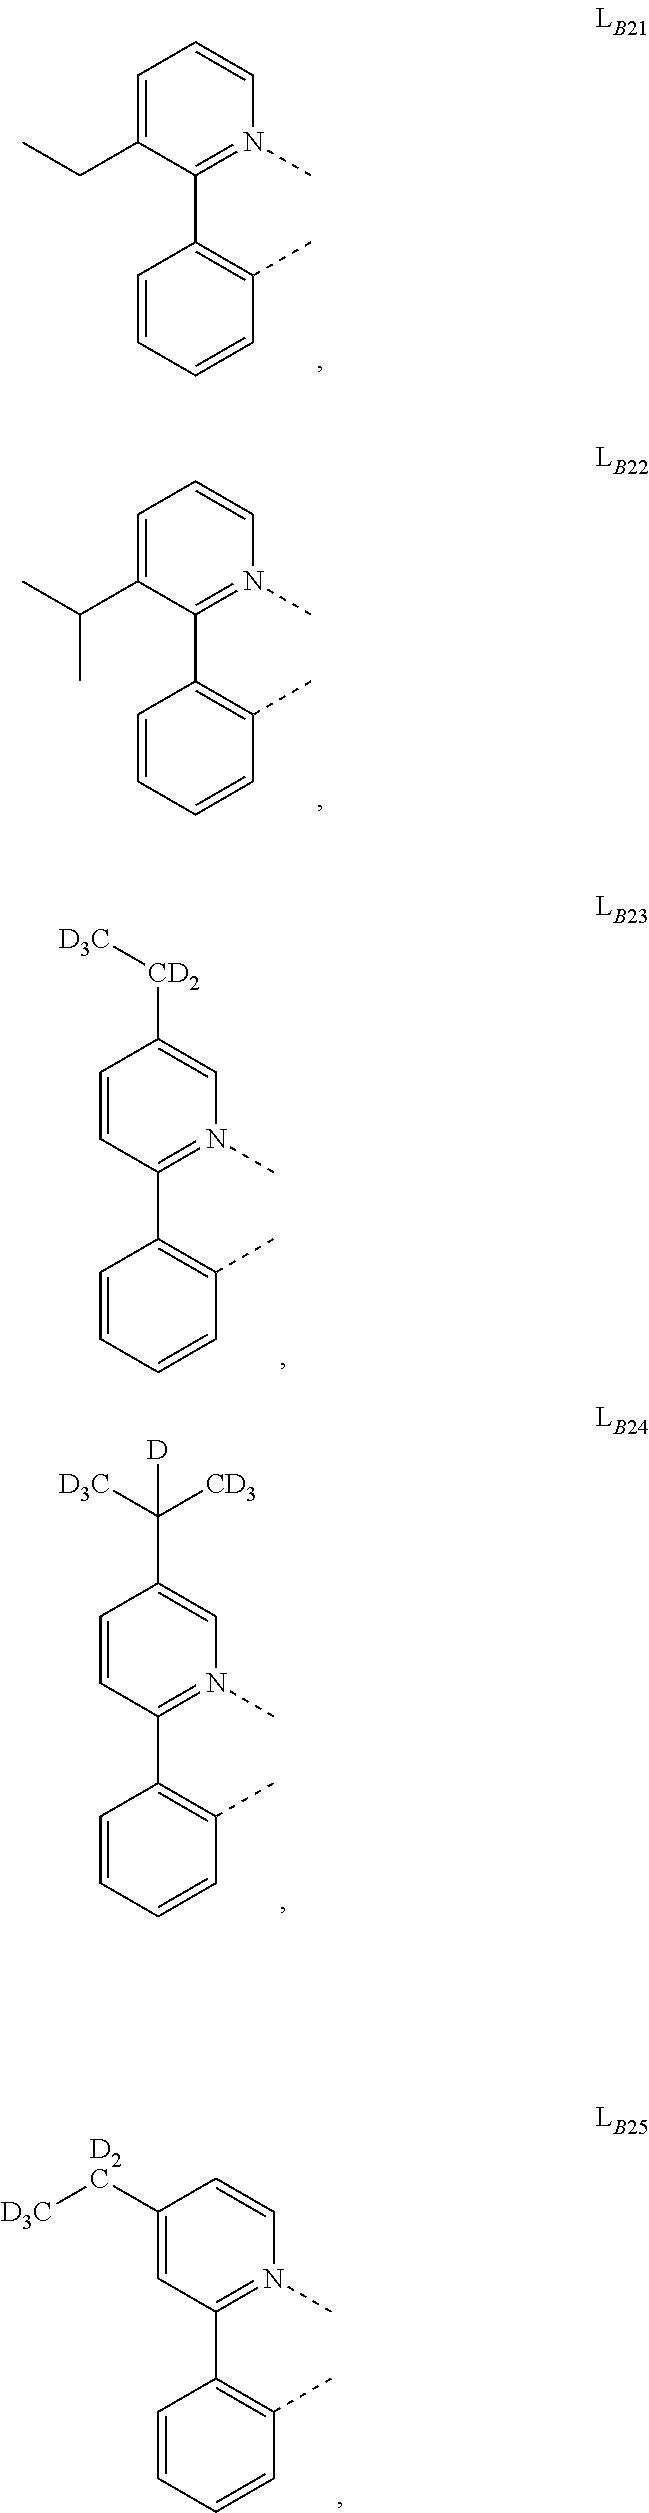 Figure US20160049599A1-20160218-C00118